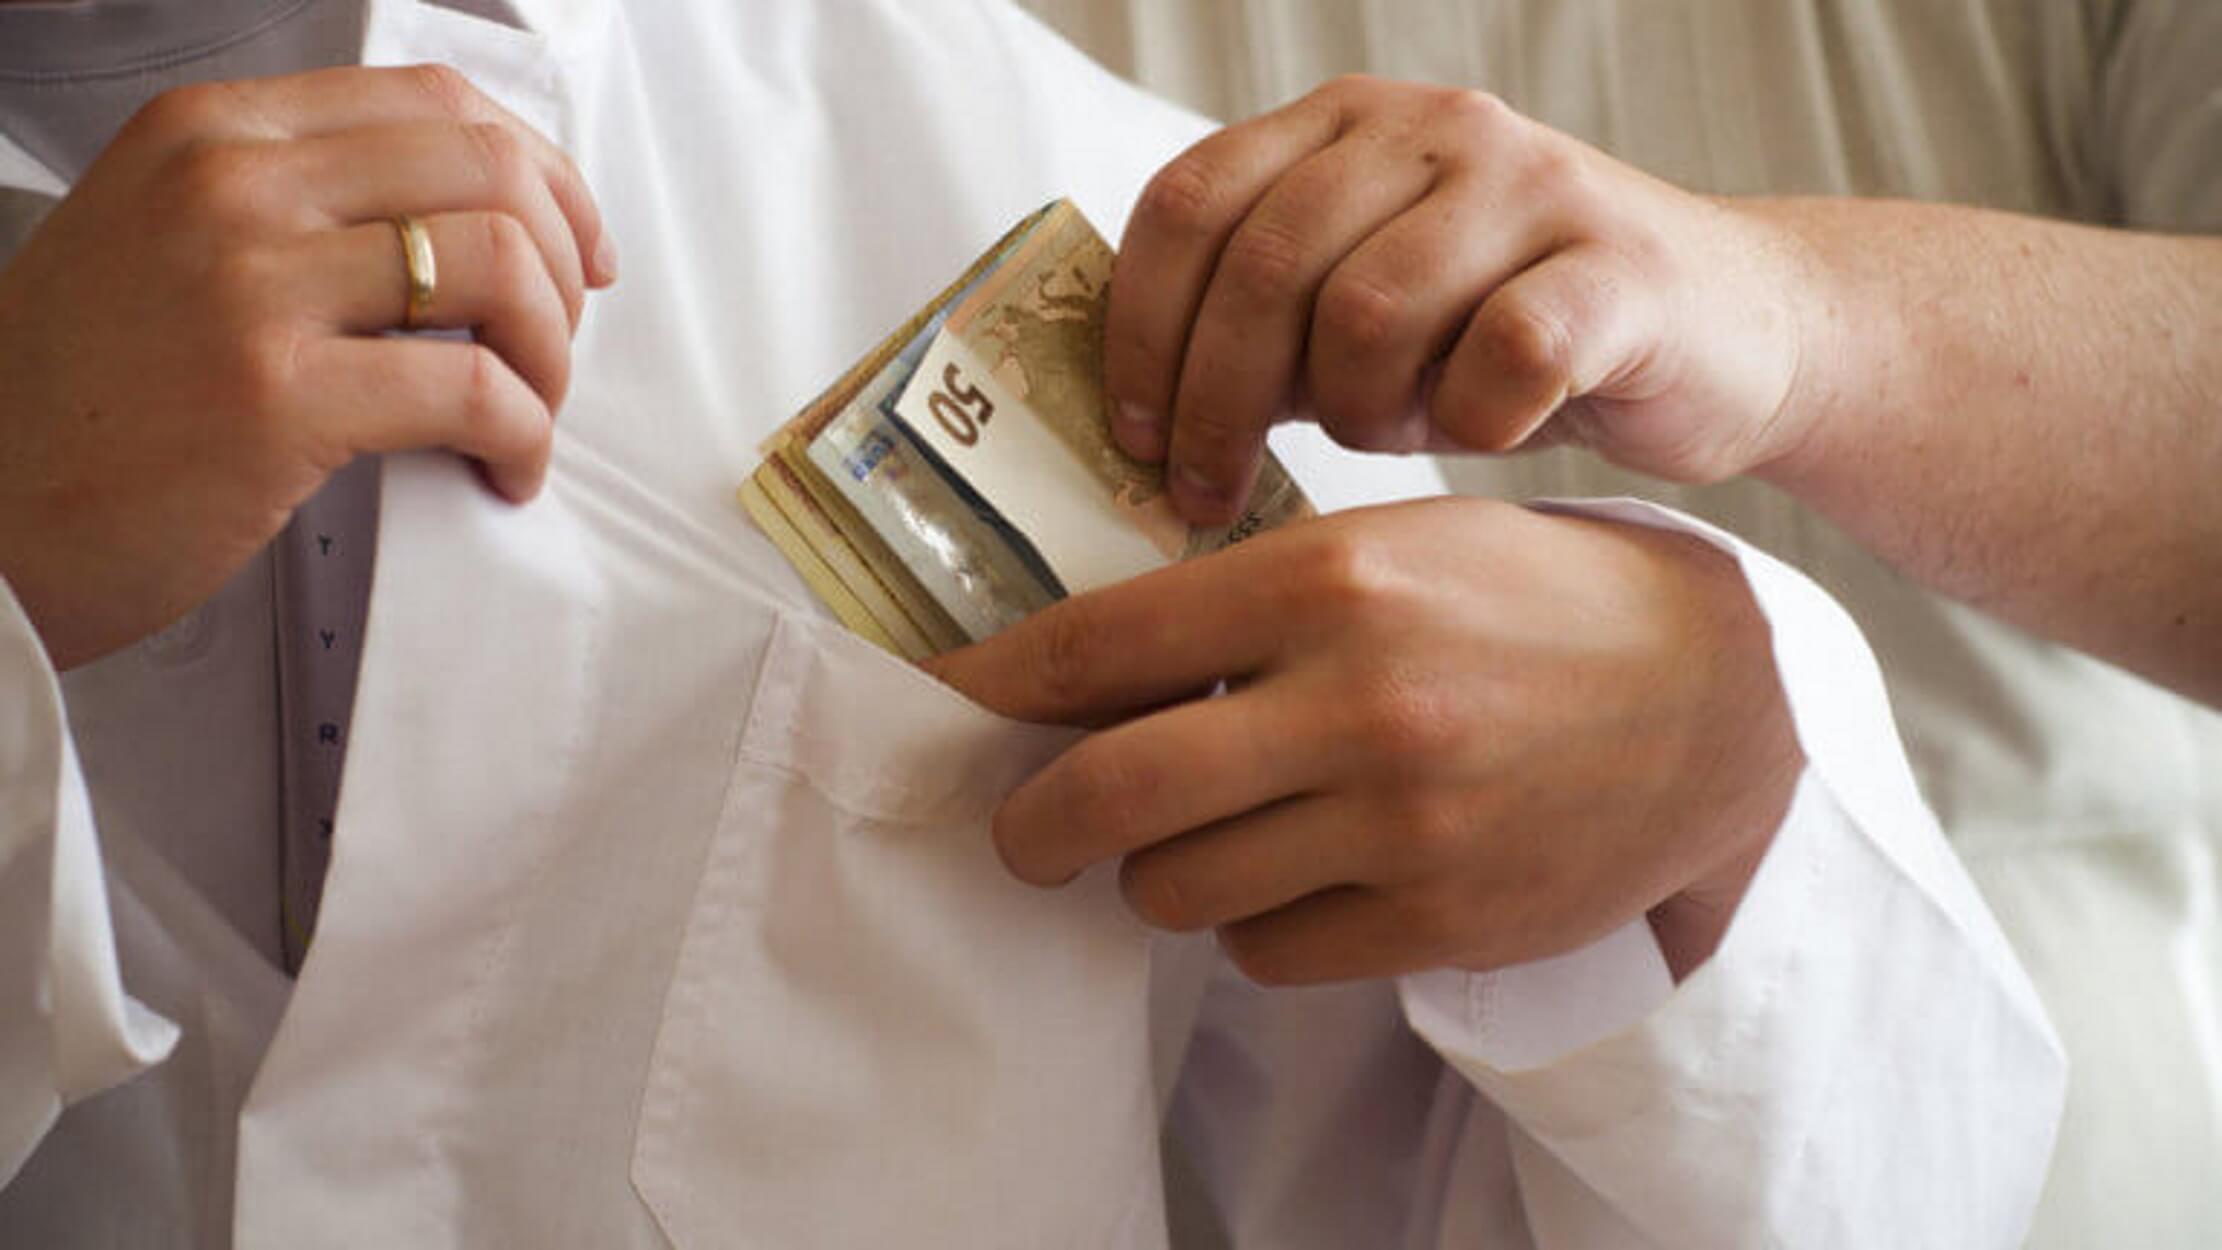 Θεσσαλονίκη: Συνελήφθη γιατρός για φακελάκι – Απαίτησε από ασθενή του 5.000 ευρώ